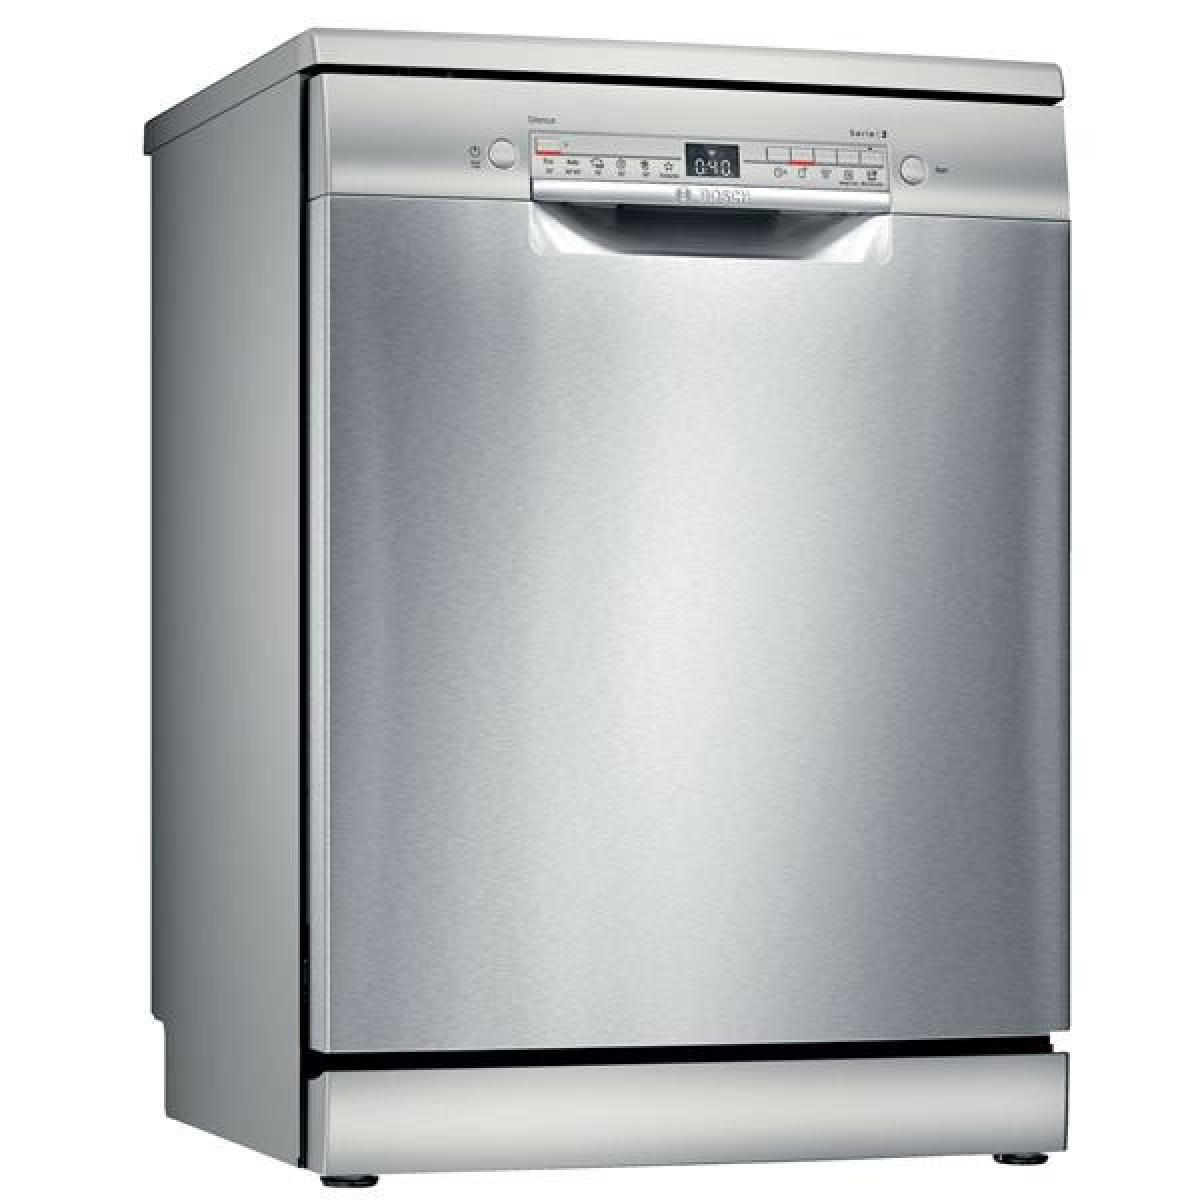 Bosch Lave-vaisselle pose libre BOSCH 12 Couverts 60cm, SMS2HTI79E